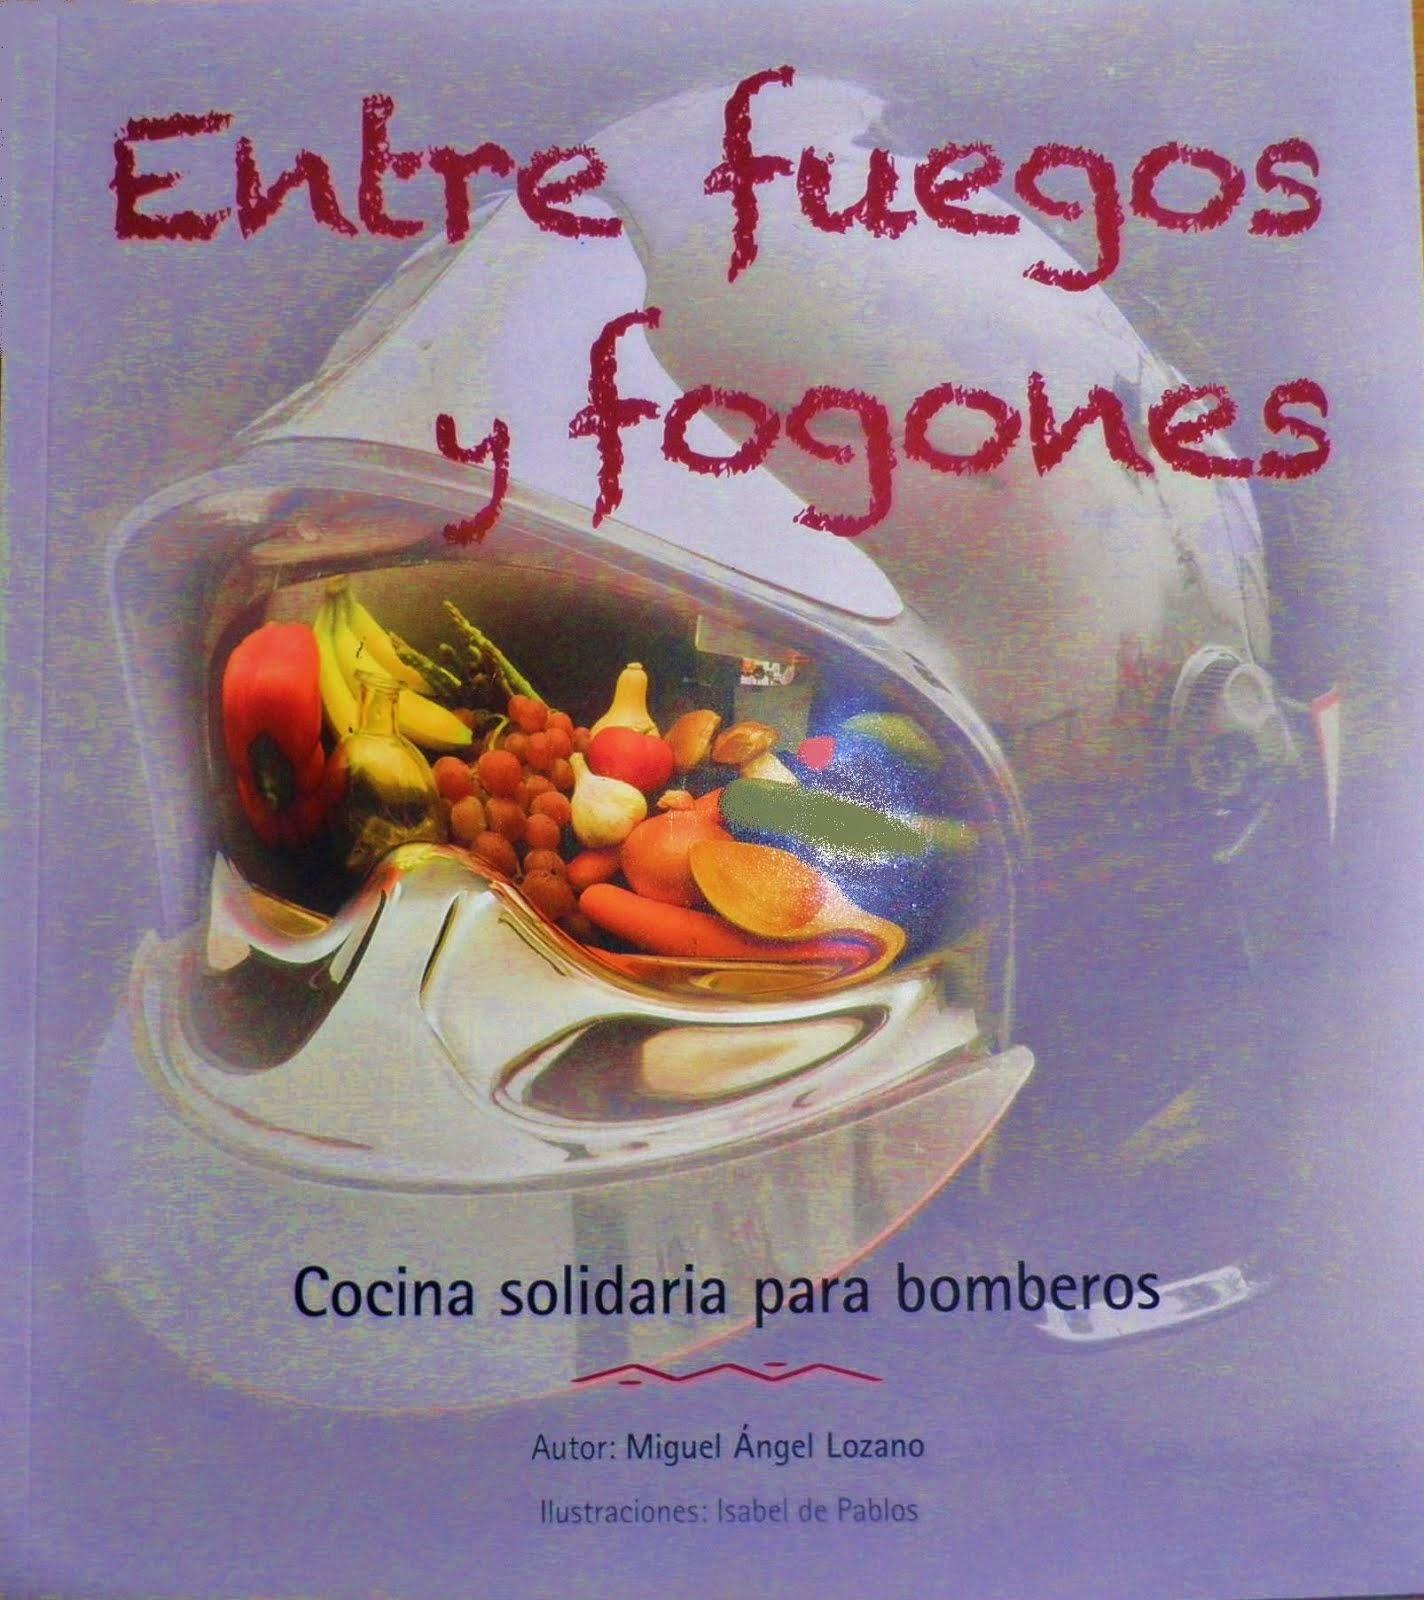 Quieres tener un libro de cocina solidaria?